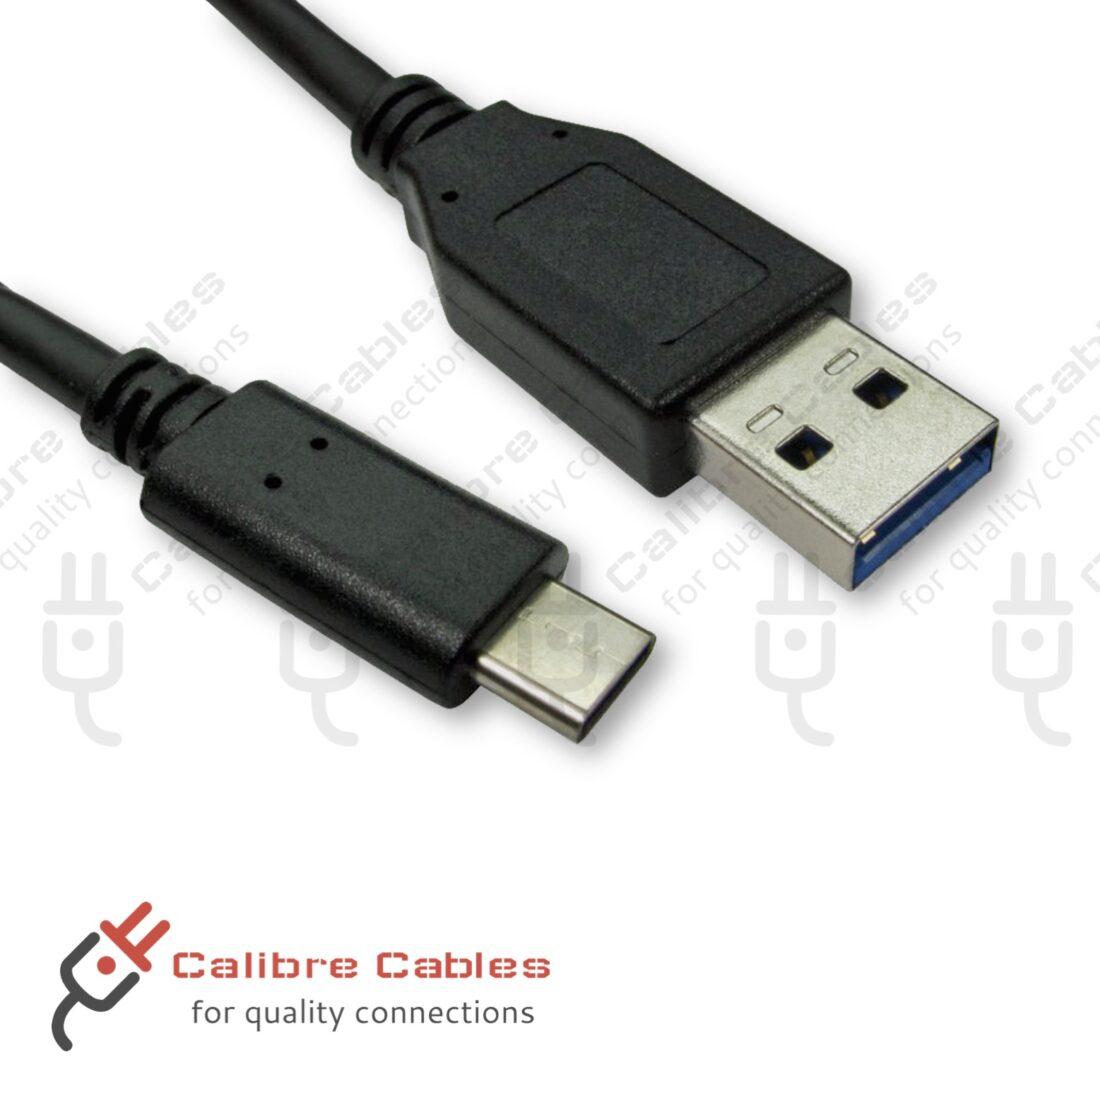 Calibre USB-C to USB-A